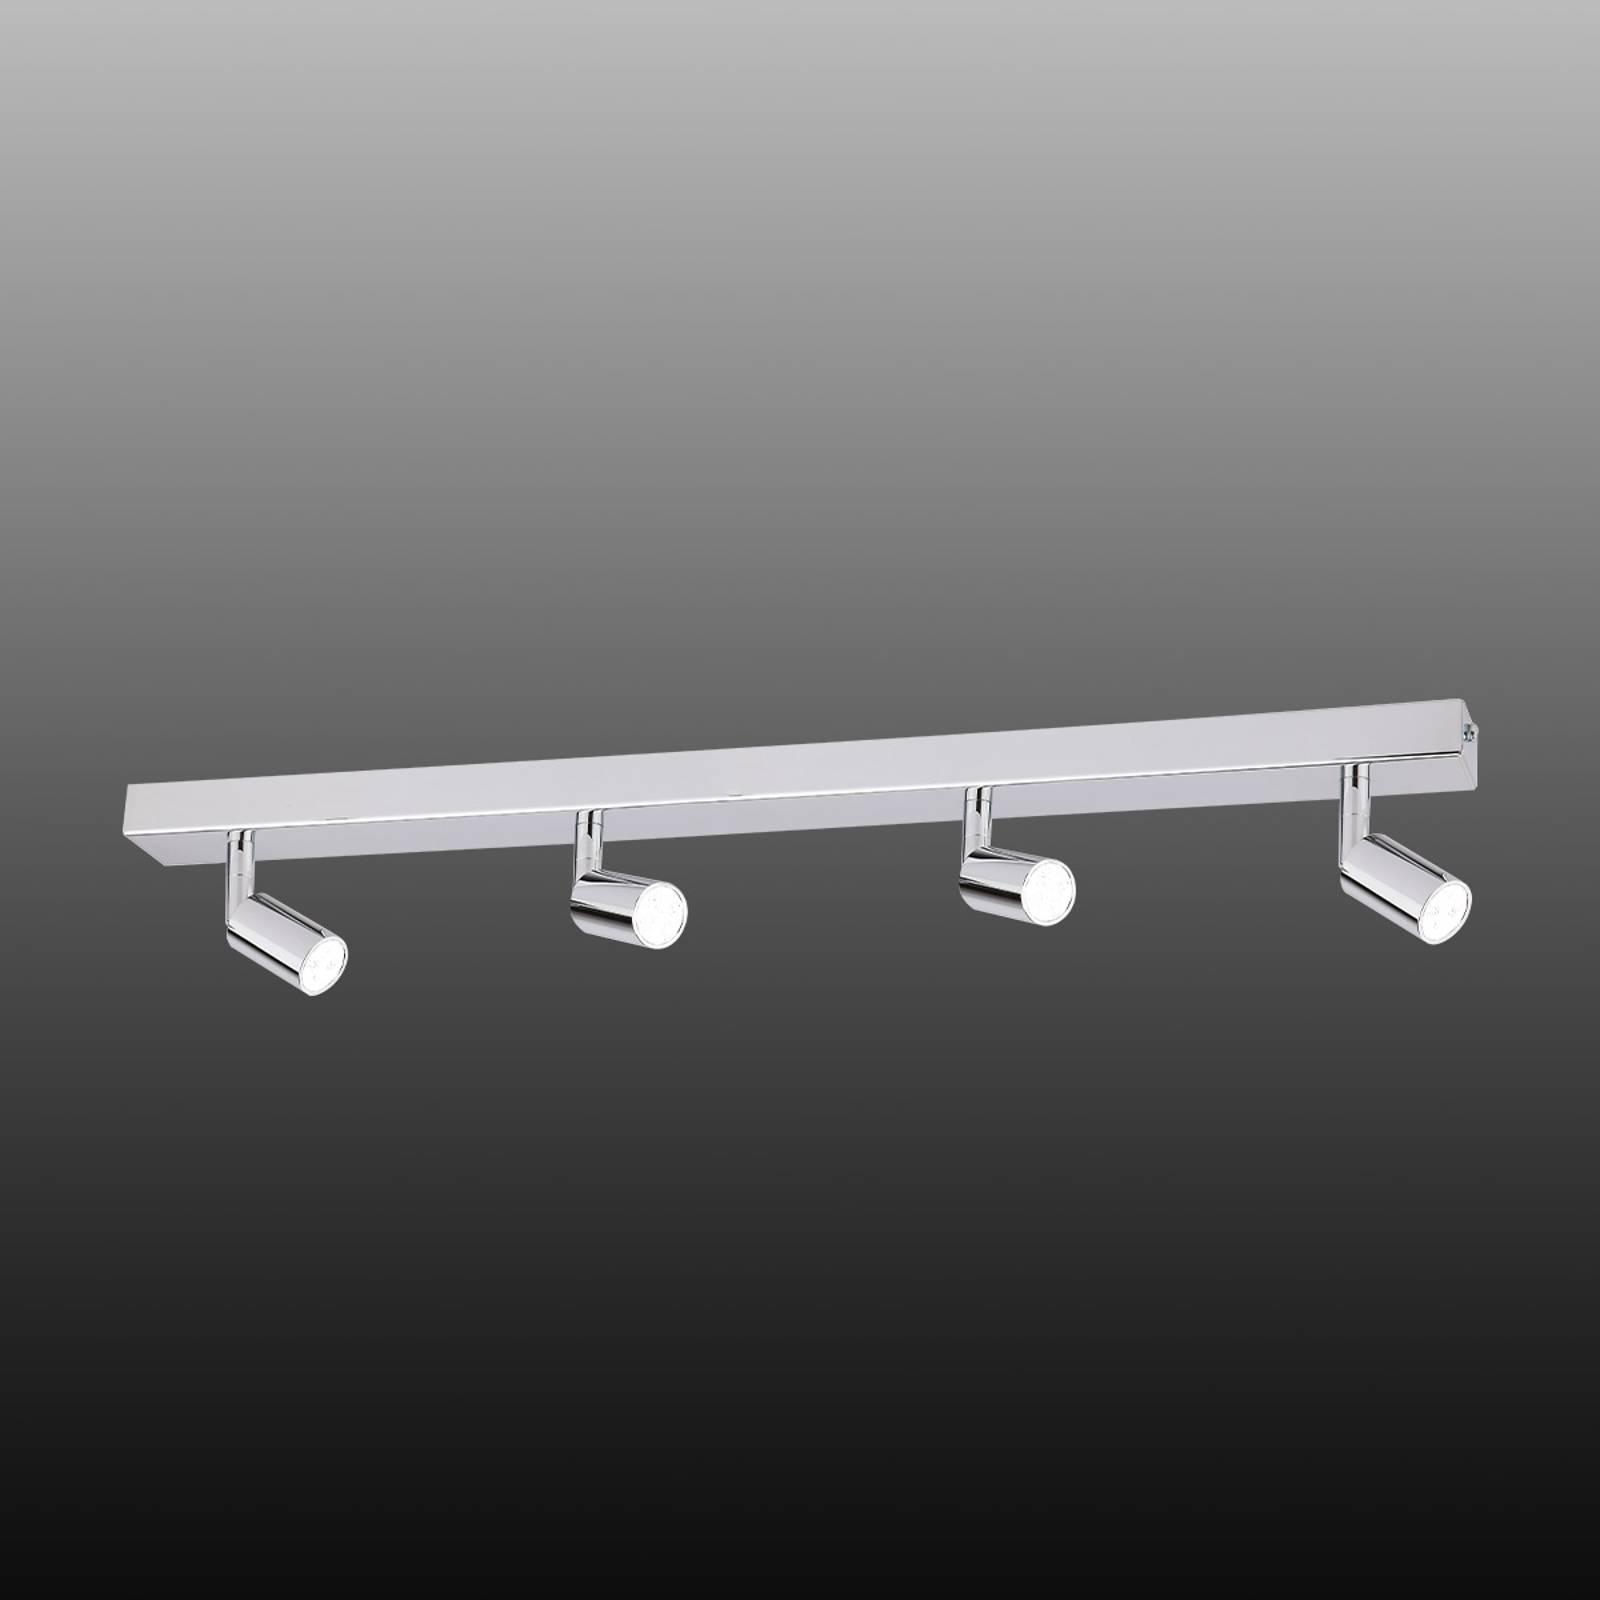 Modern gestaltete LED-Deckenleuchte 4-flg